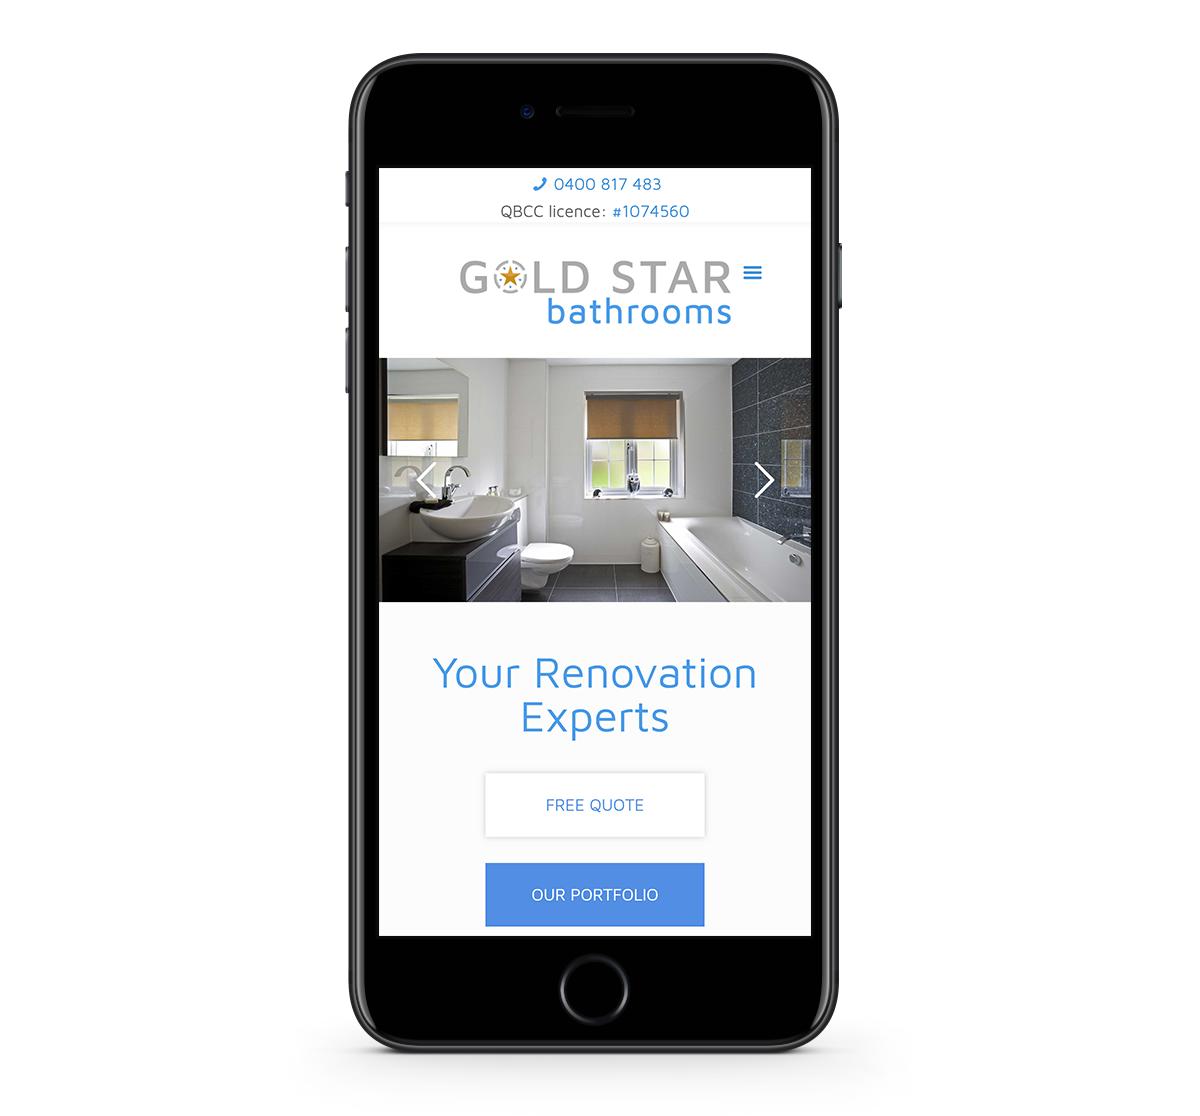 goldstar_mobile